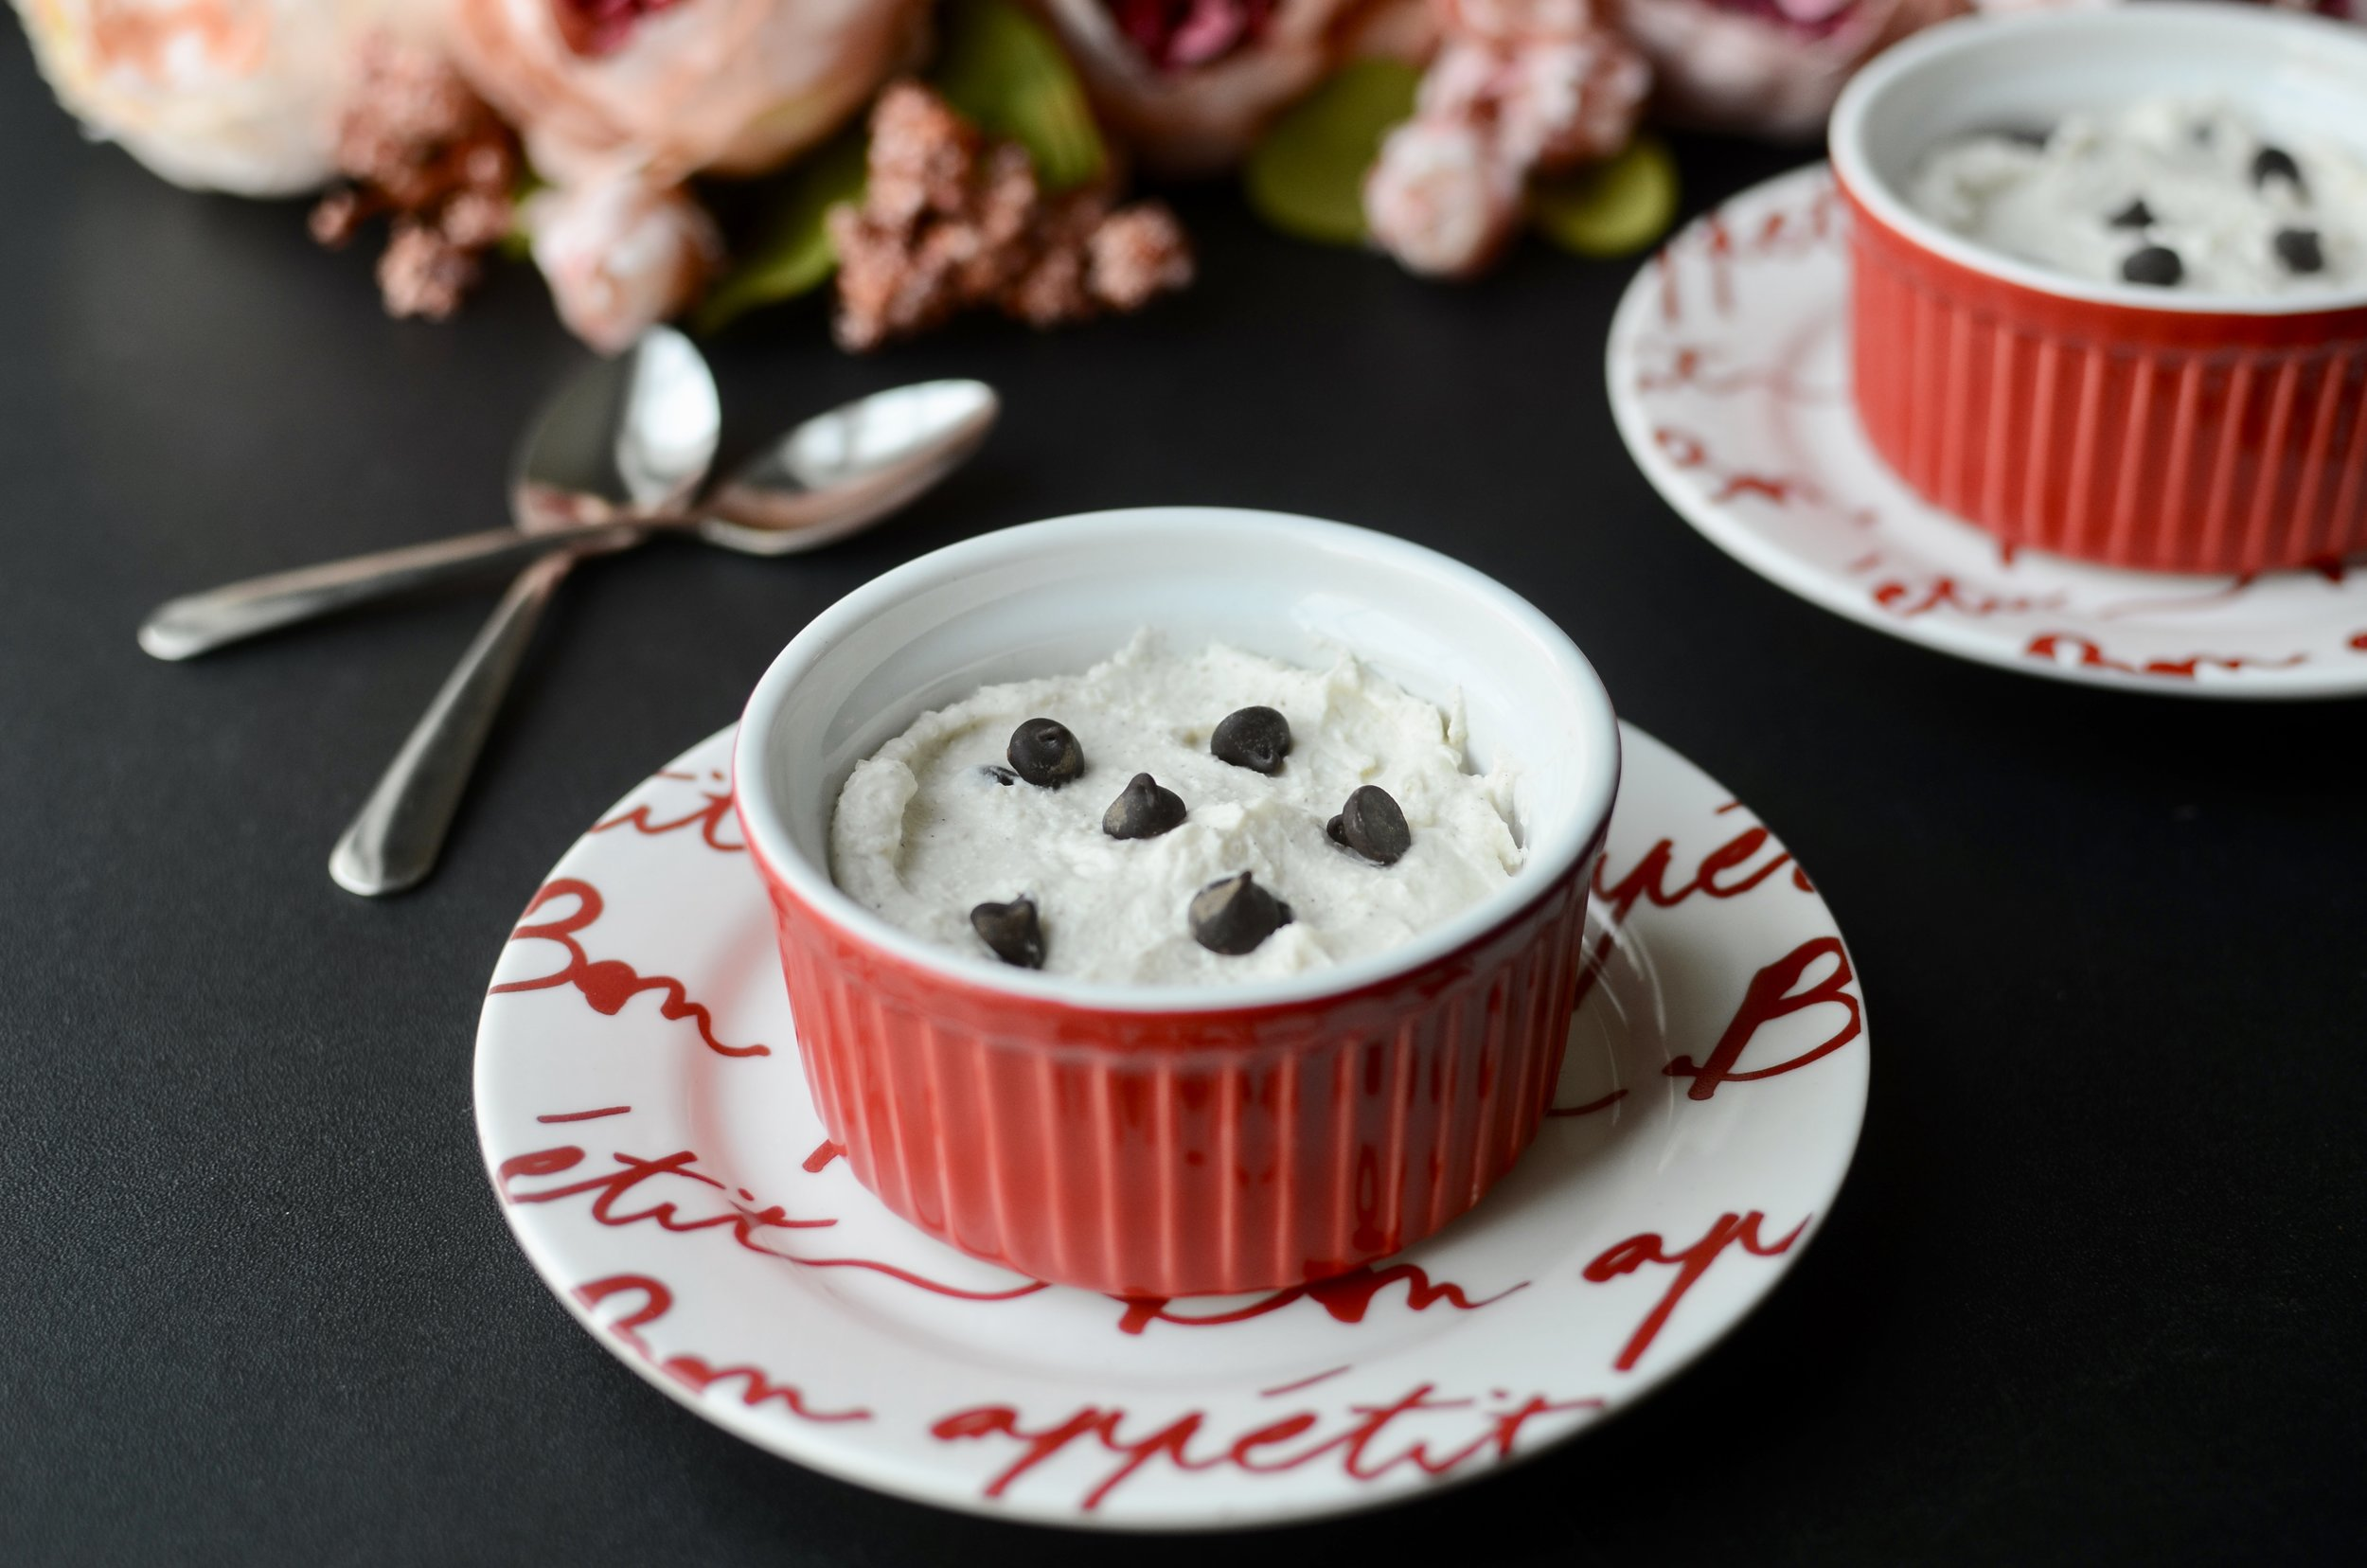 how to make keto cannoli dessert. keto cannoli filling. keto cannoli recipe. keto dessert with mascarpone cheese. keto valentine's day dessert recipe. keto valentine dessert ideas. keto friendly valentine dessert.